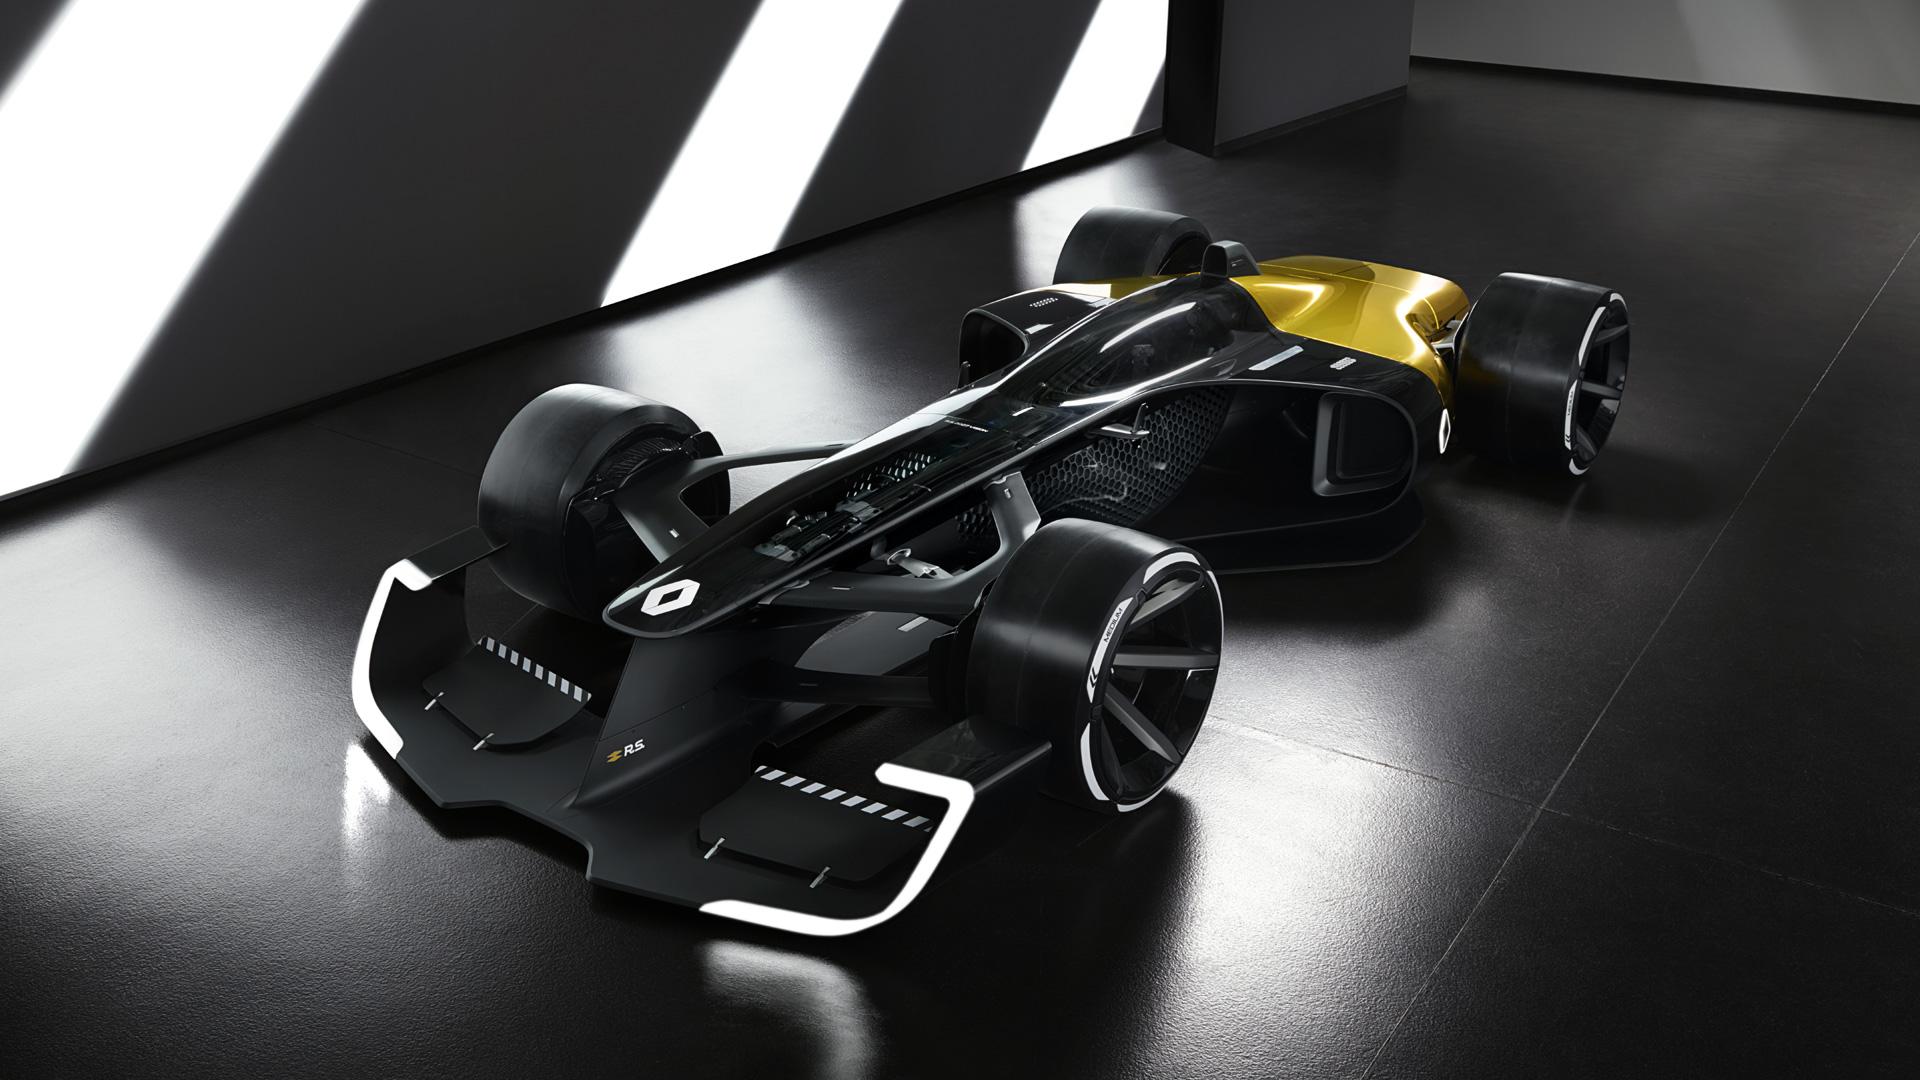 Renault setzt 3D-Druck für Formel-1 Concept Car ein - 3Druck.com